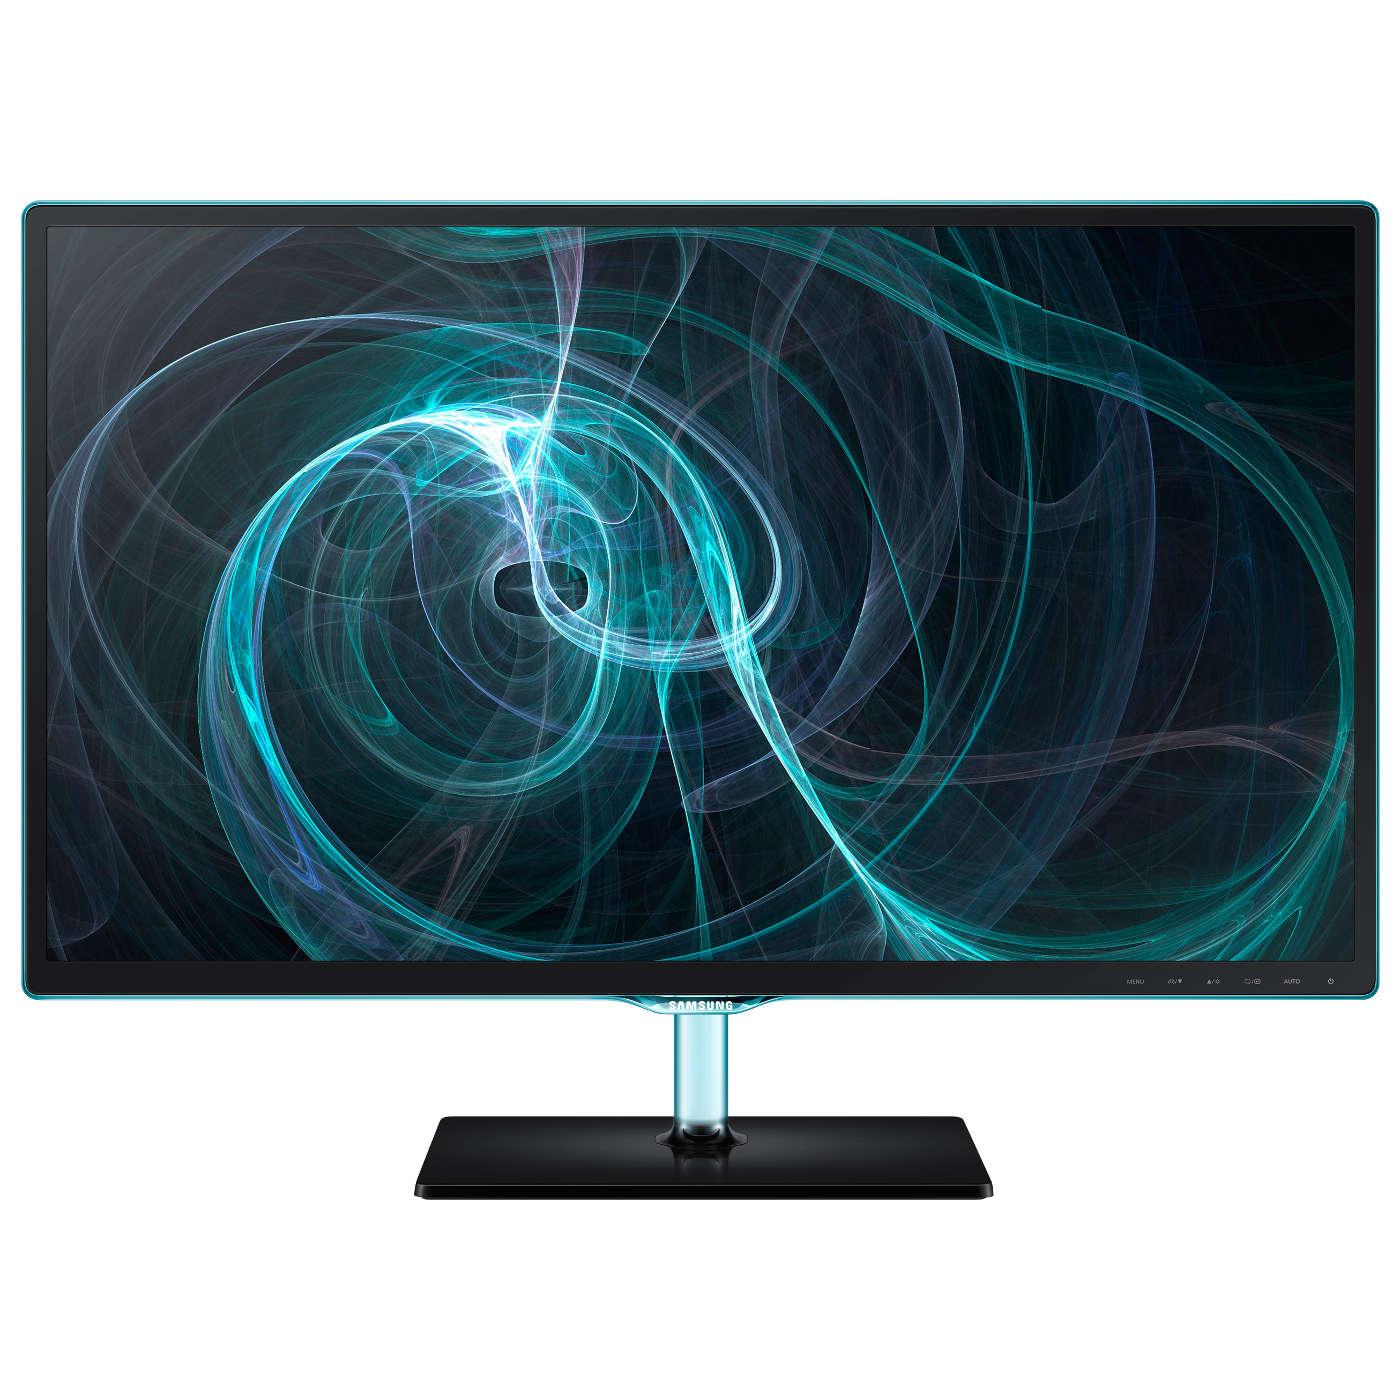 """Ecran PC Samsung 23.6"""" LED - SyncMaster S24D390HL 1920 x 1080 pixels - 5 ms (gris à gris) - Format large 16/9 - Dalle PLS -  Noir/Bleu (garantie constructeur 3 ans)"""